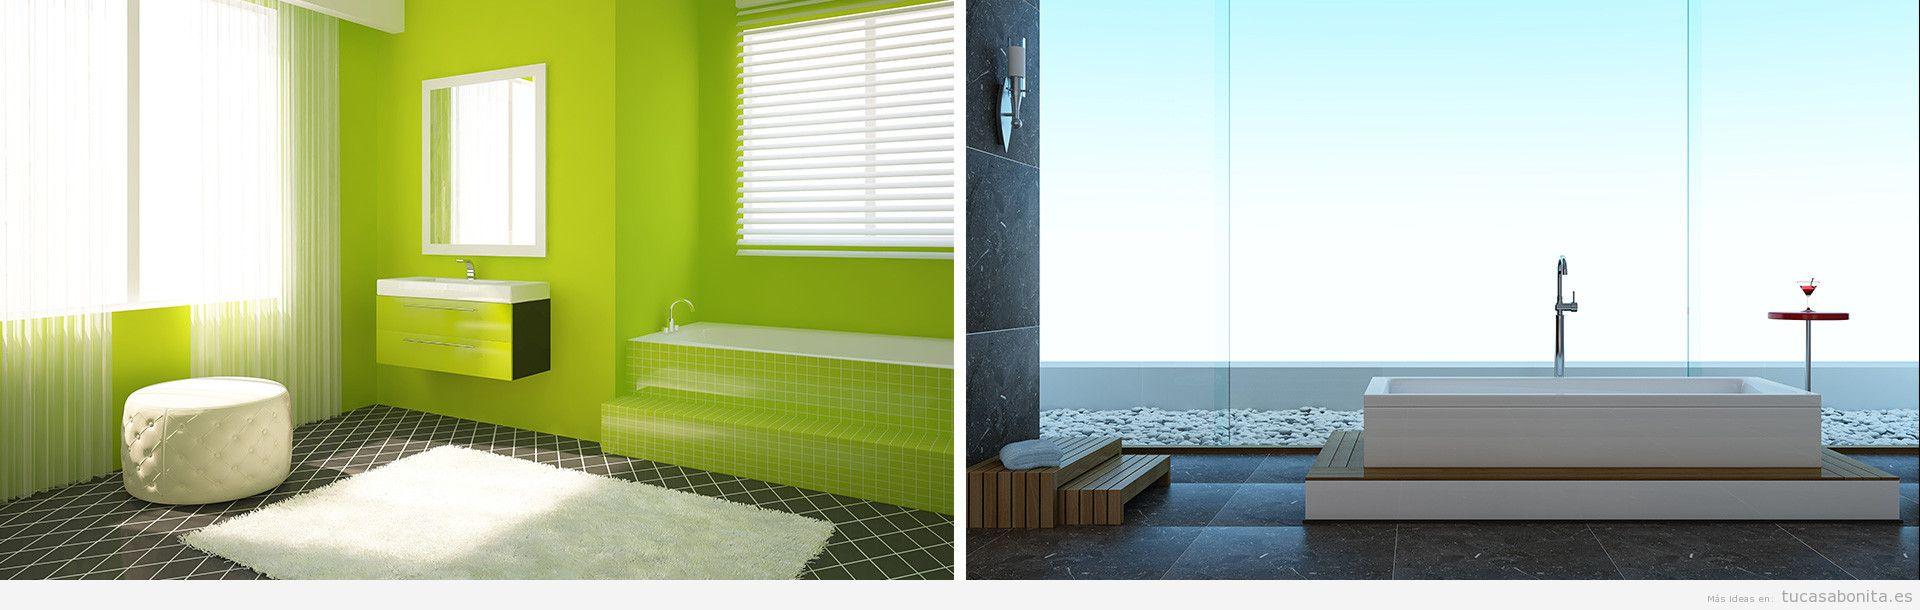 Lavabo tu casa bonita ideas para decorar pisos modernos for Accesorios bano diseno italiano